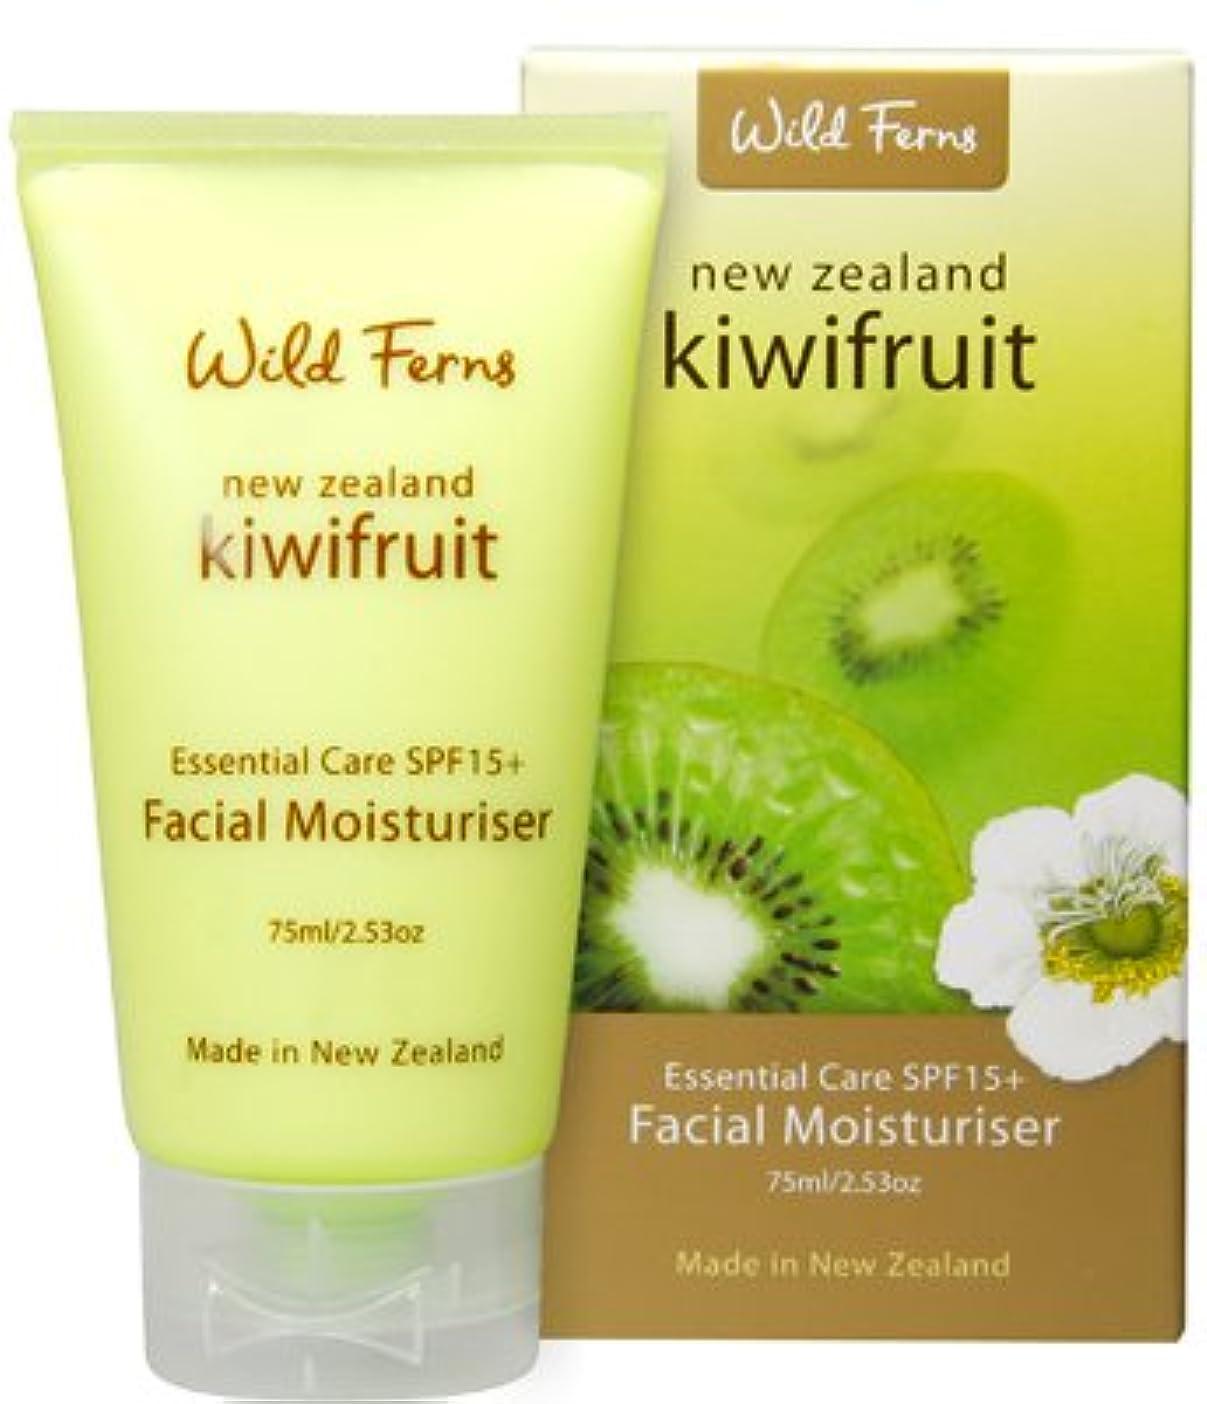 タール粒重大キーウィフルーツ エッセンシャルケアSPF15+ フェイシャル保湿剤 (ニュージーランド限定品)